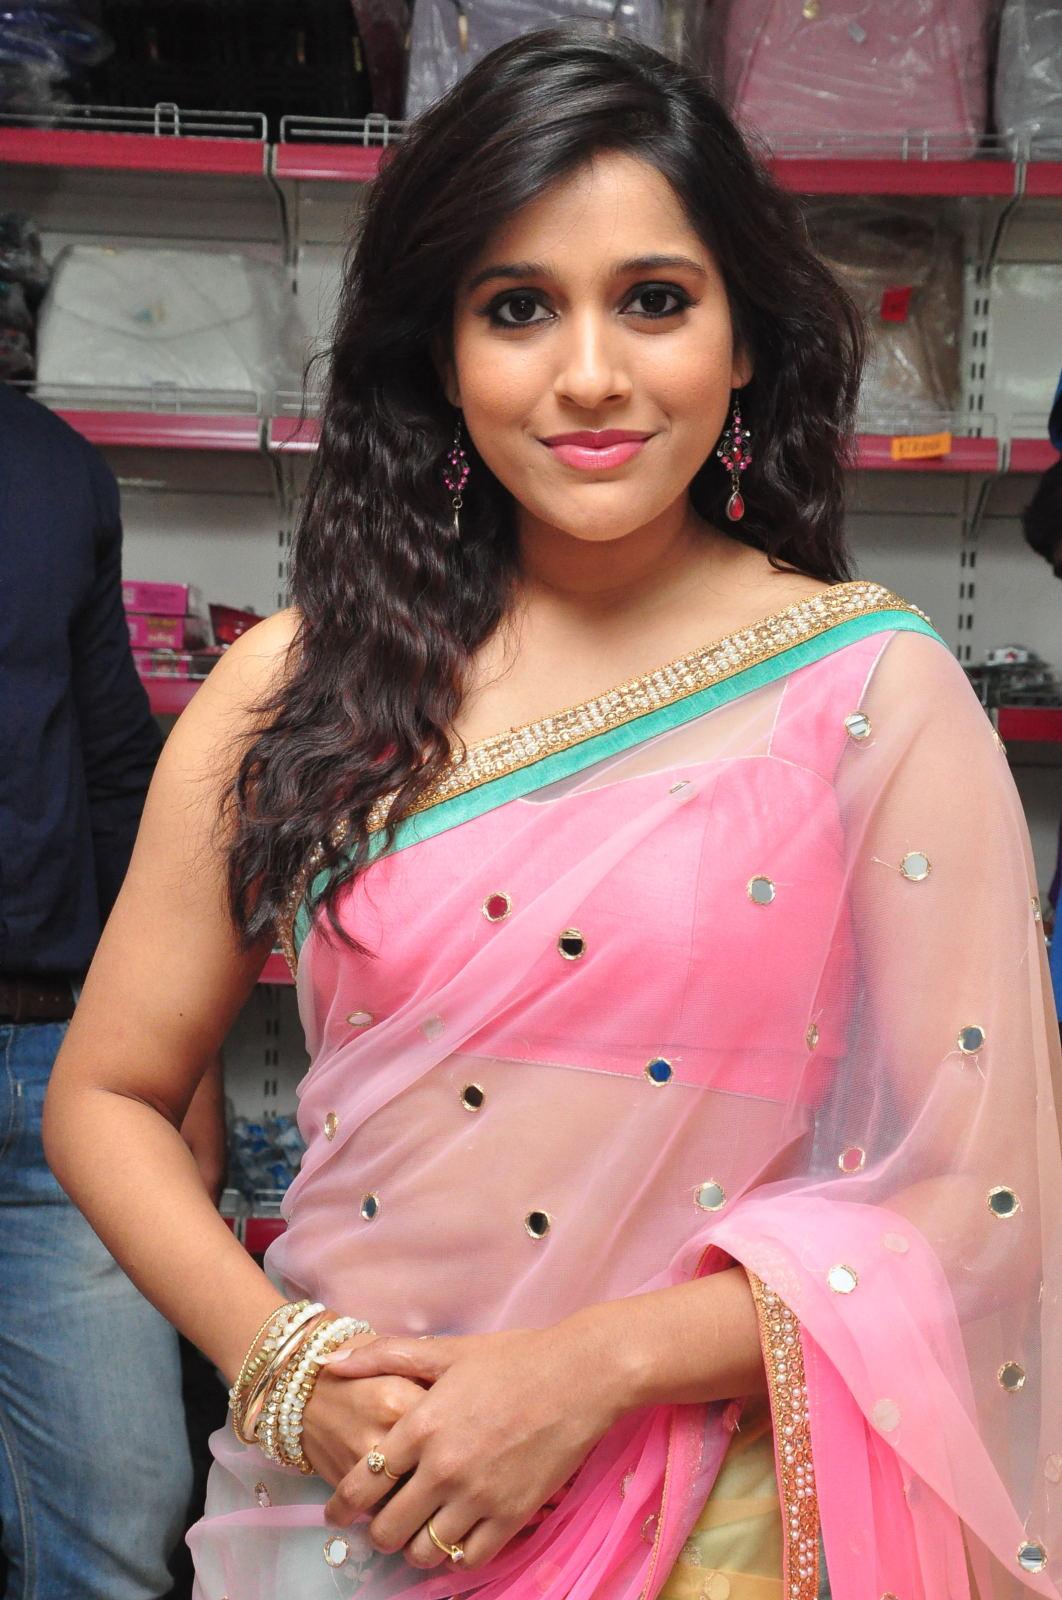 Rashmi Gautam Nude Photos